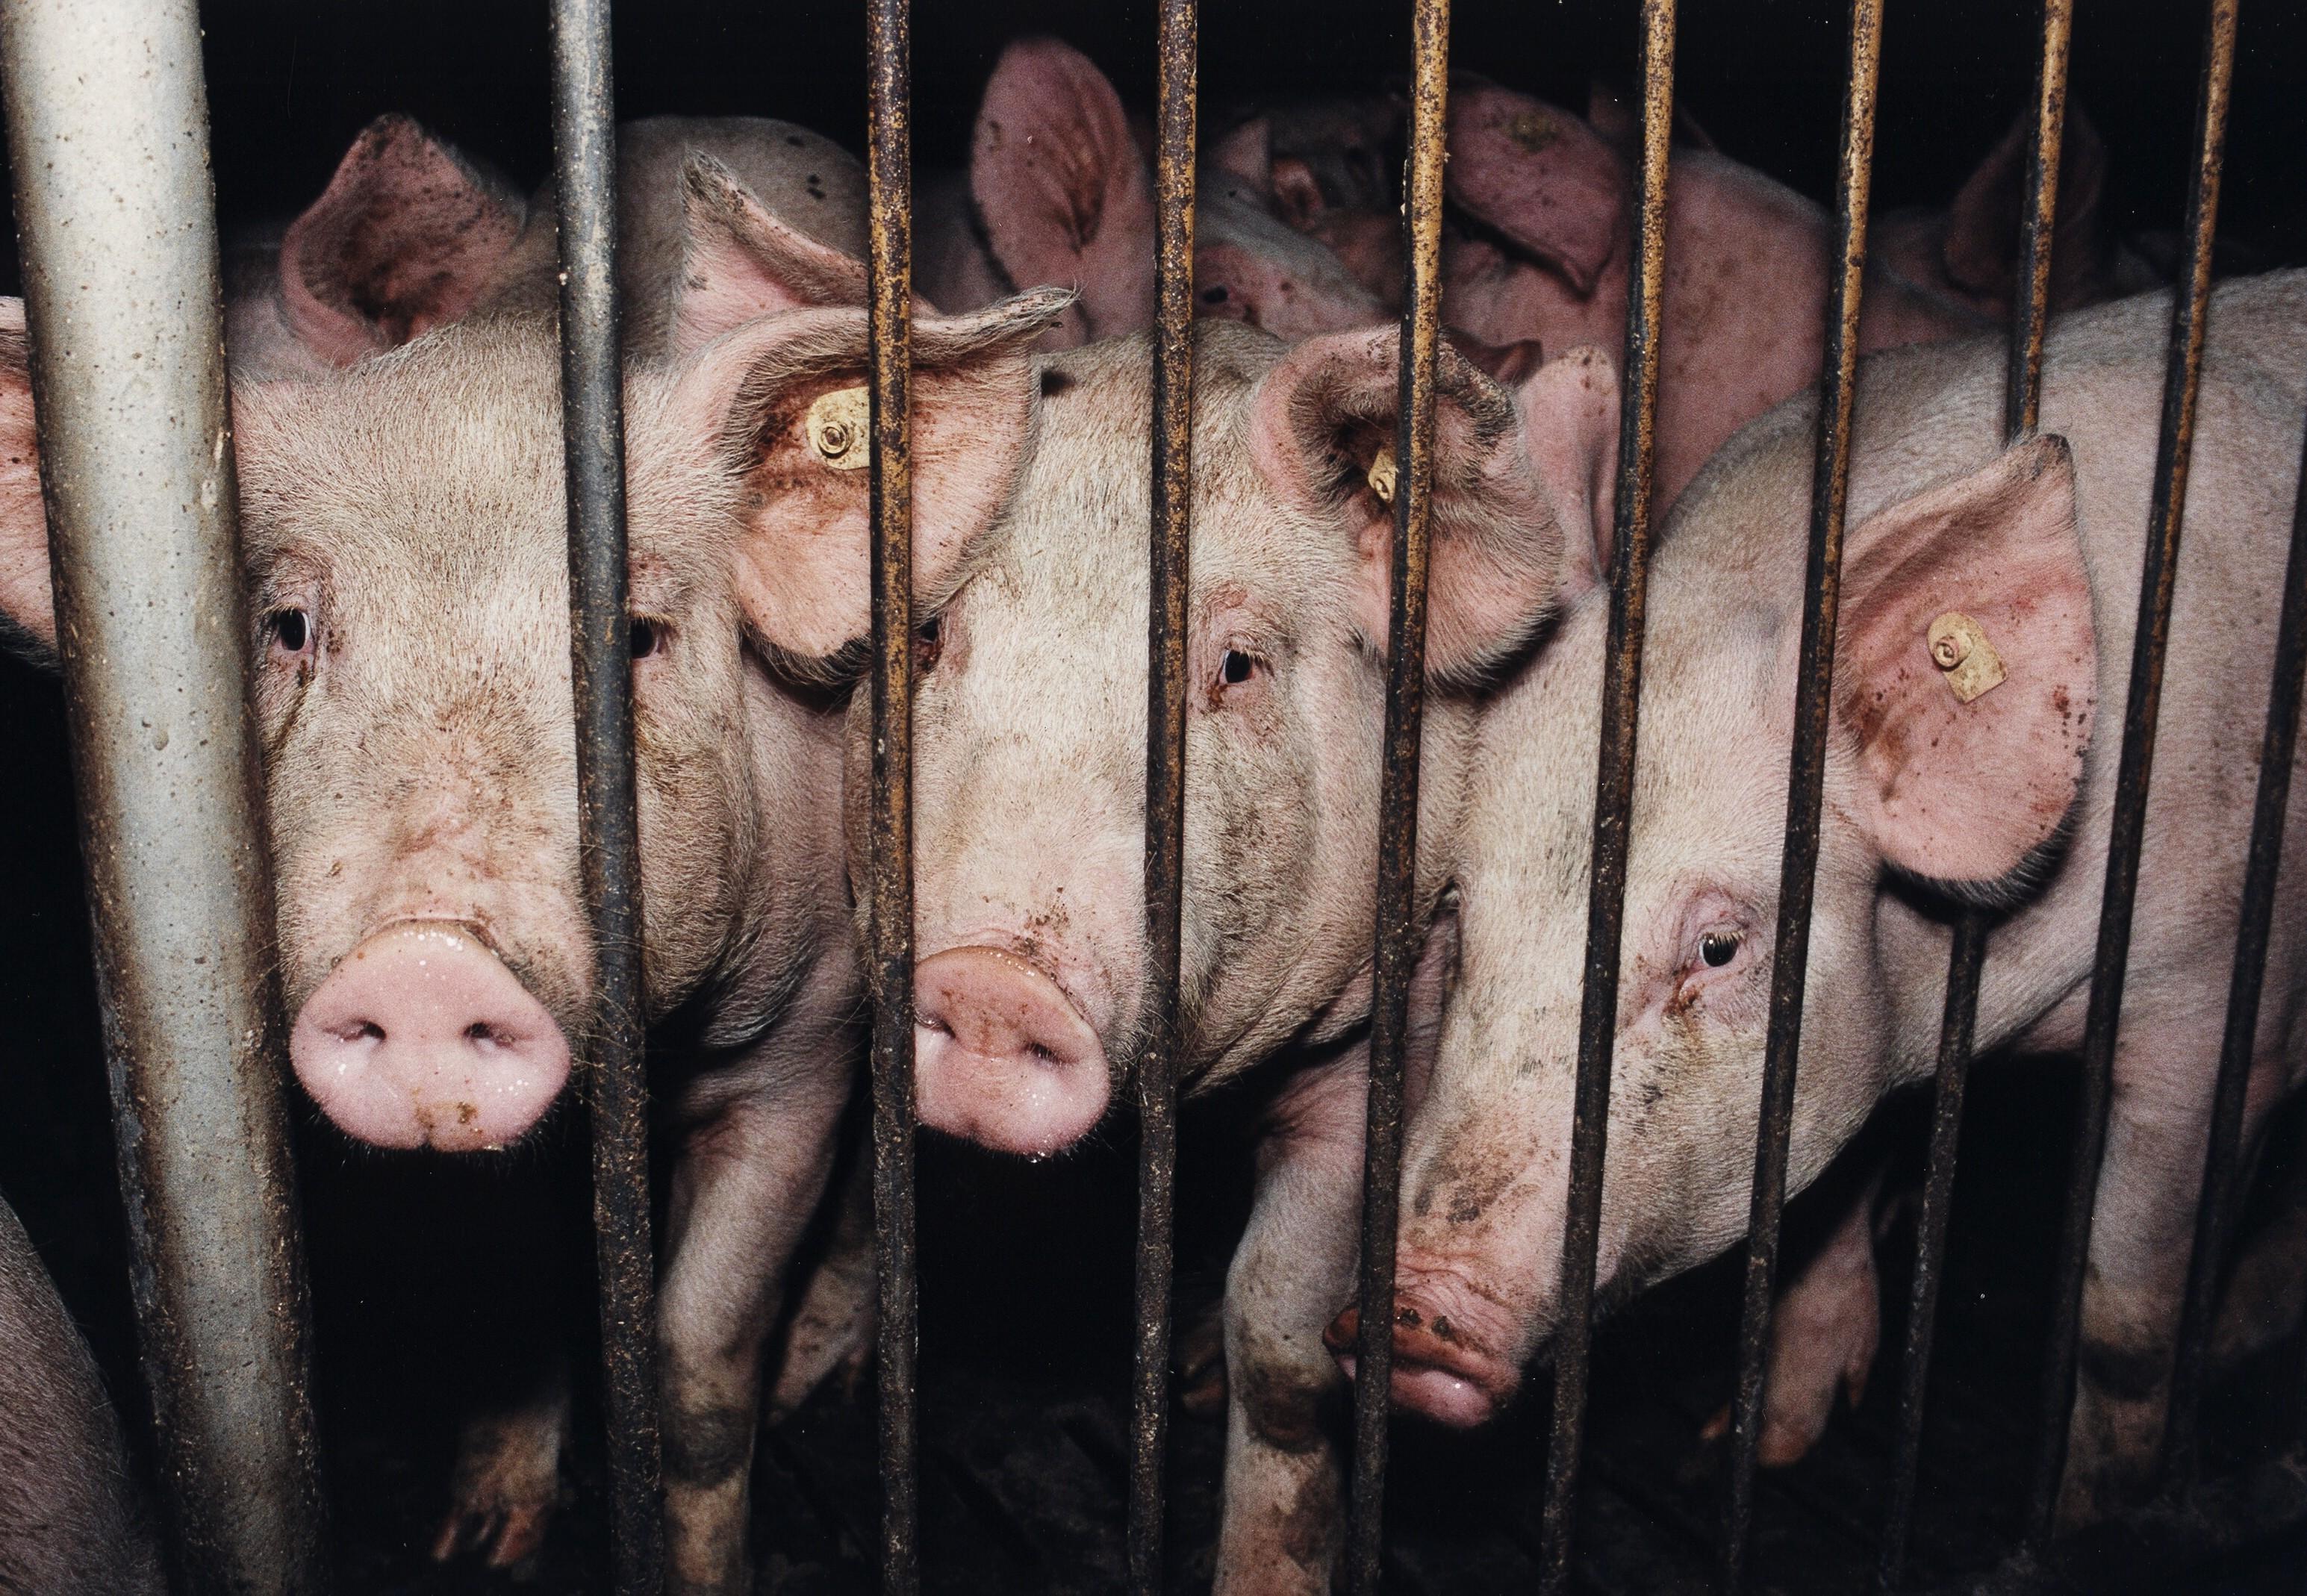 Schweine in der Massentierhaltung hinter Gittern